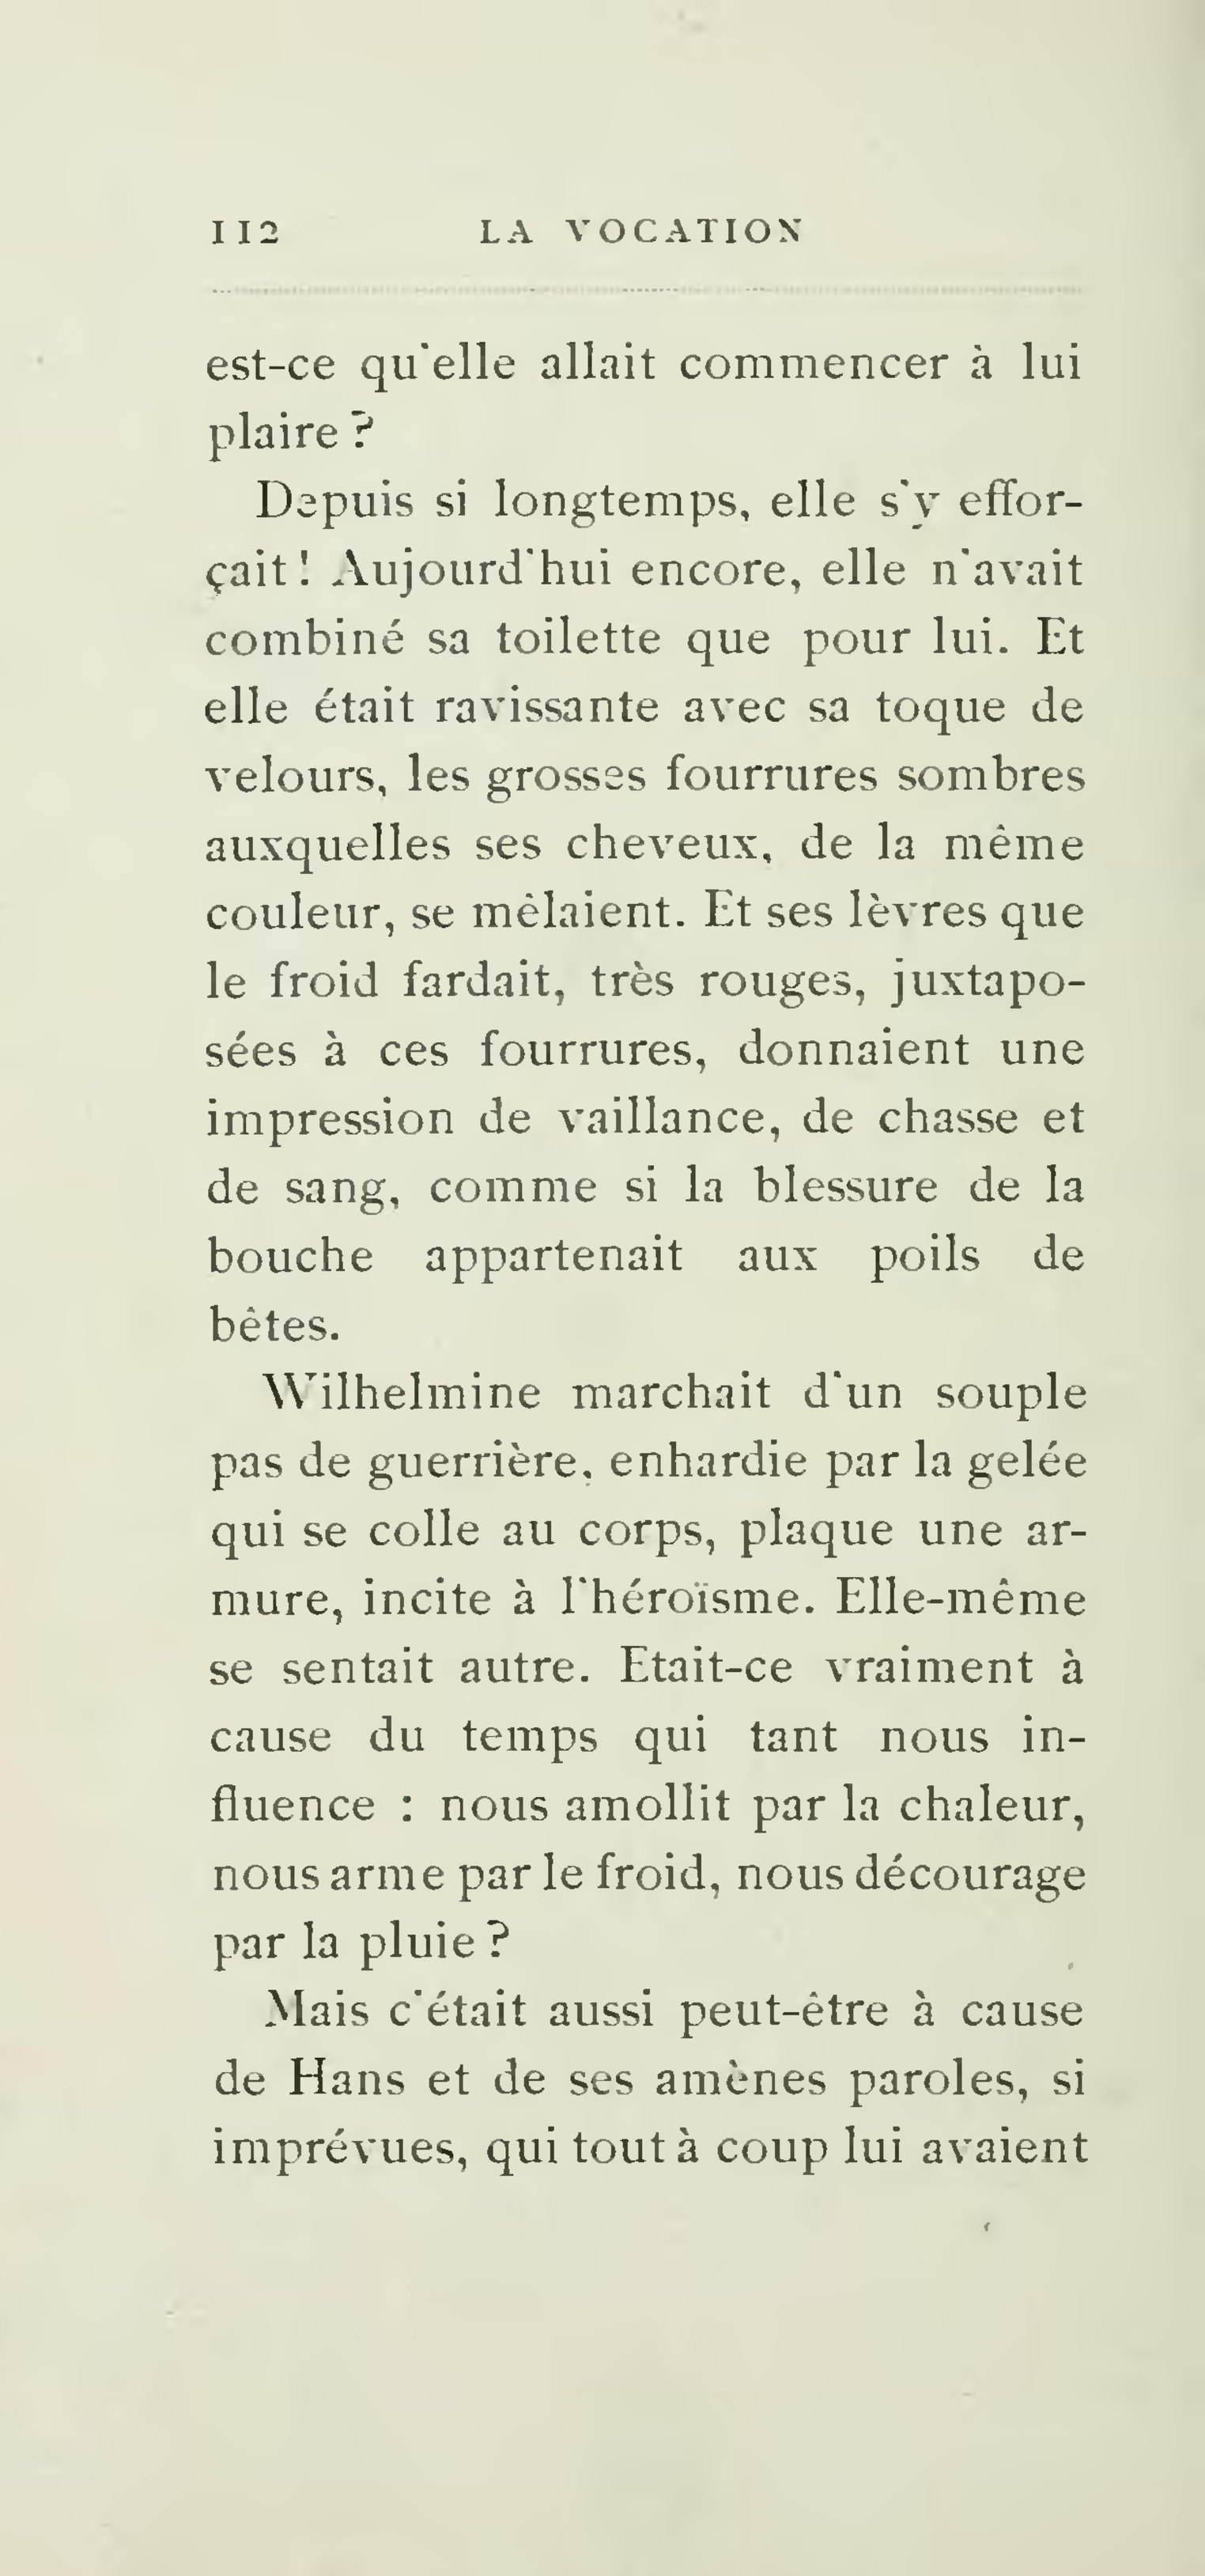 Page rodenbach la vocation wikisource - Coup de chaleur wikipedia ...